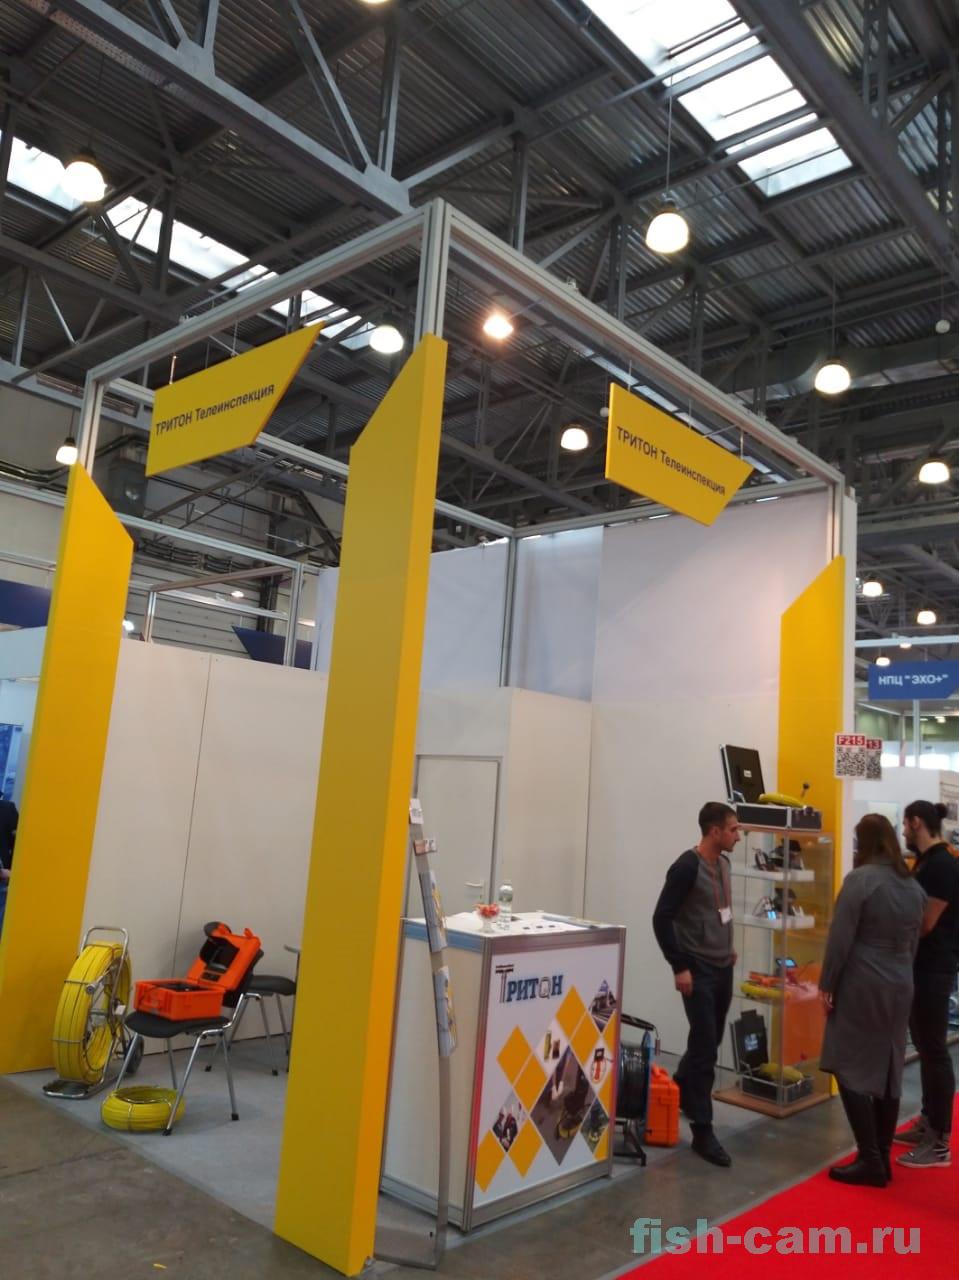 Fish-cam.ru на 19-ой Международной выставке оборудования NDT Russia